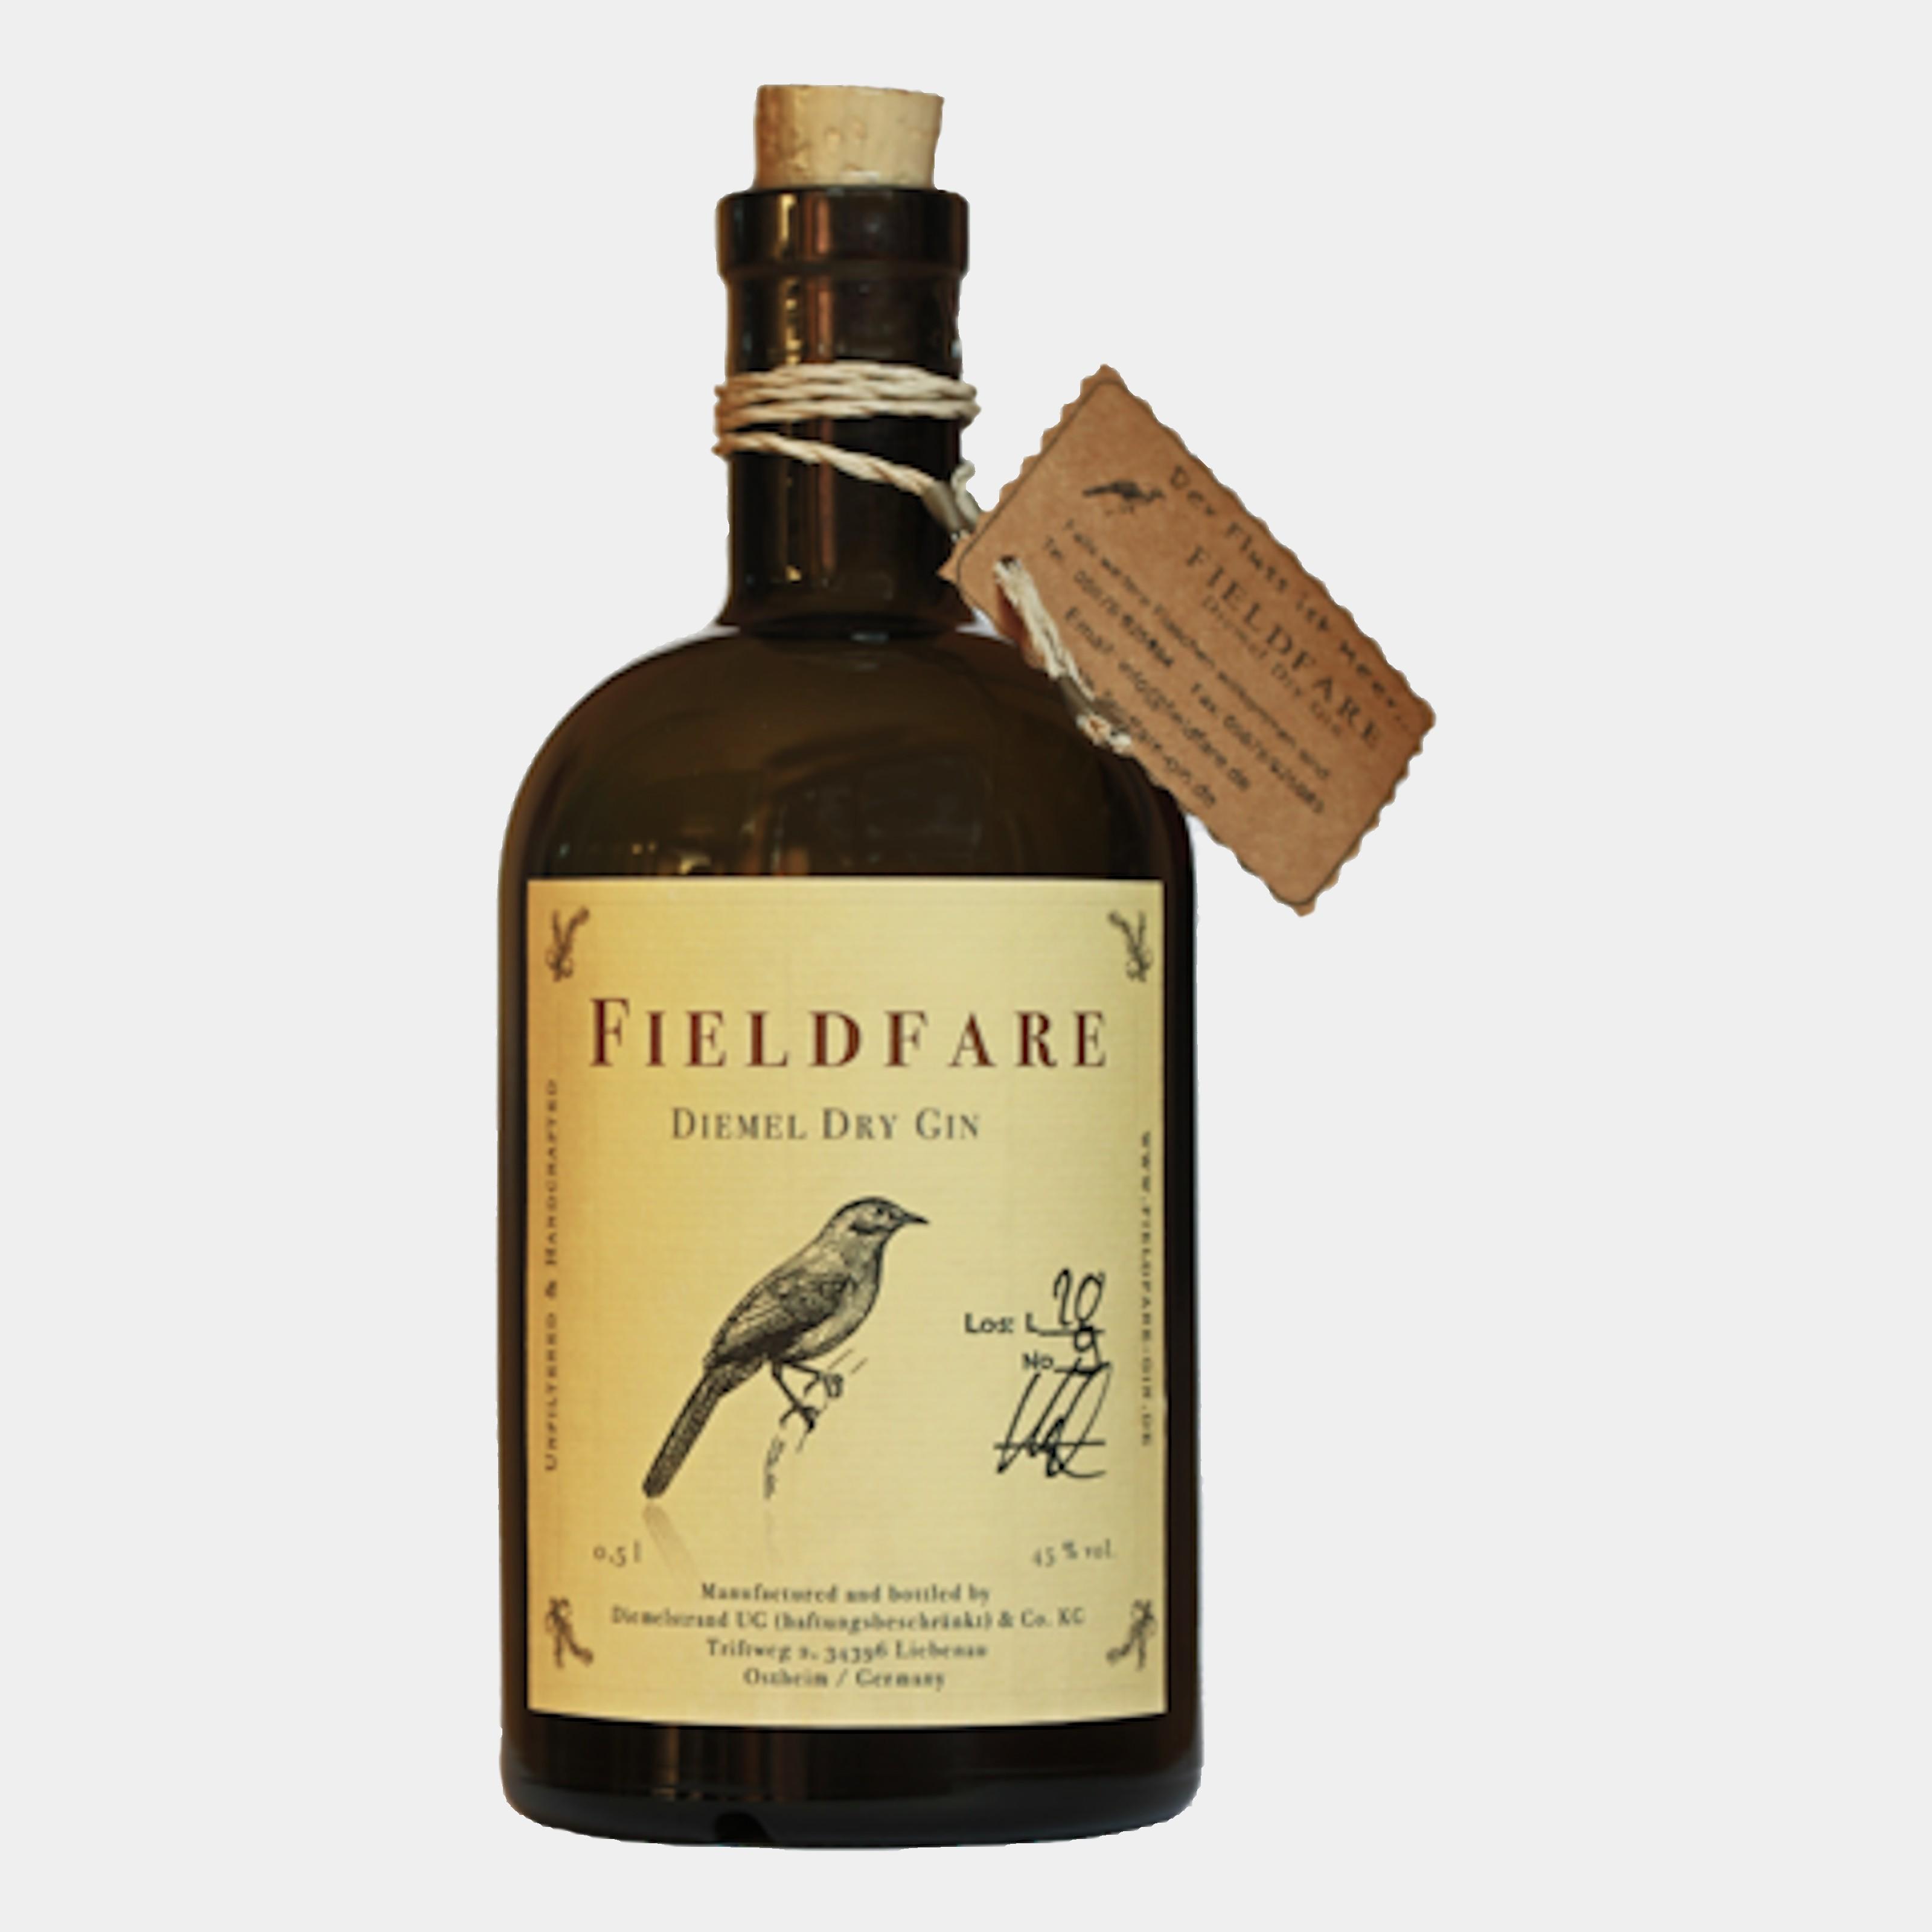 Fieldfare Diemel Dry Gin 0.5L 45% Alk.